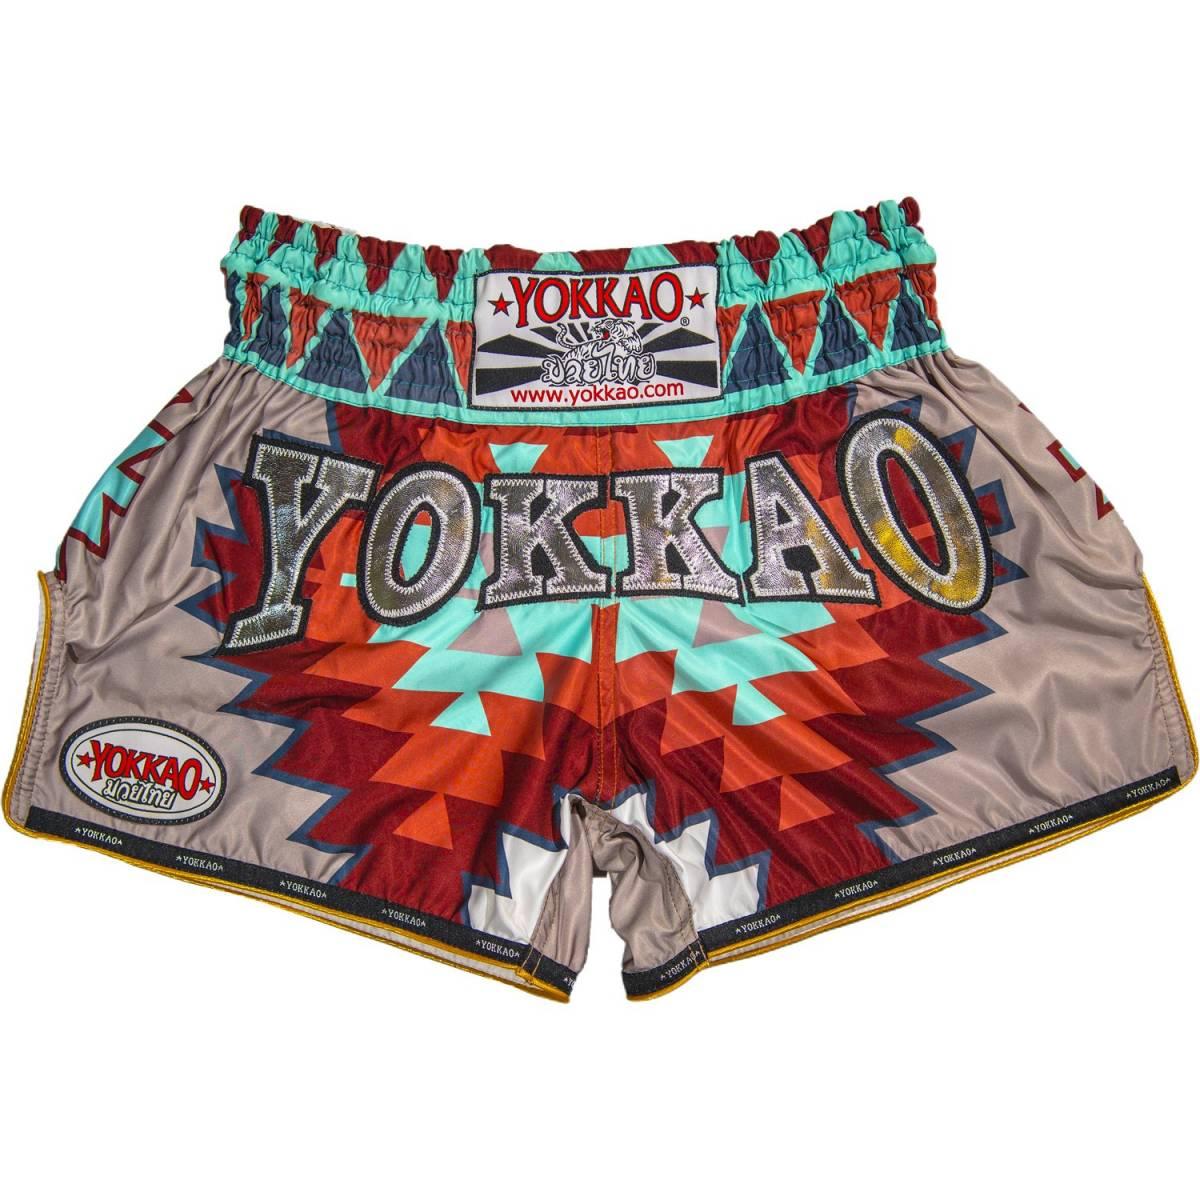 yokkao-carbonfit-aztec-shorts-32a